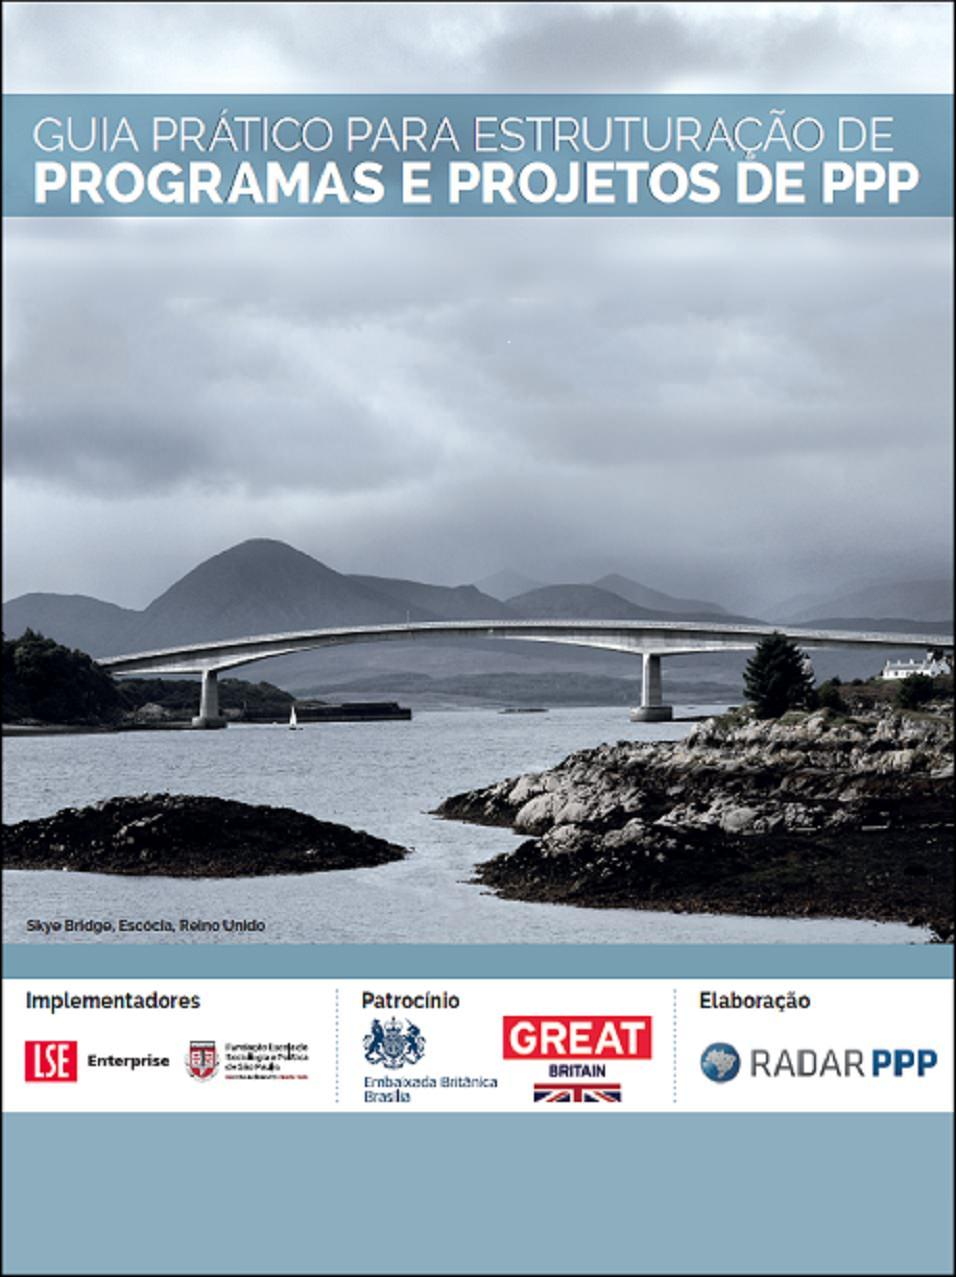 Imagem do Guia Prático para Estruturação de Programas e Projetos de PPP